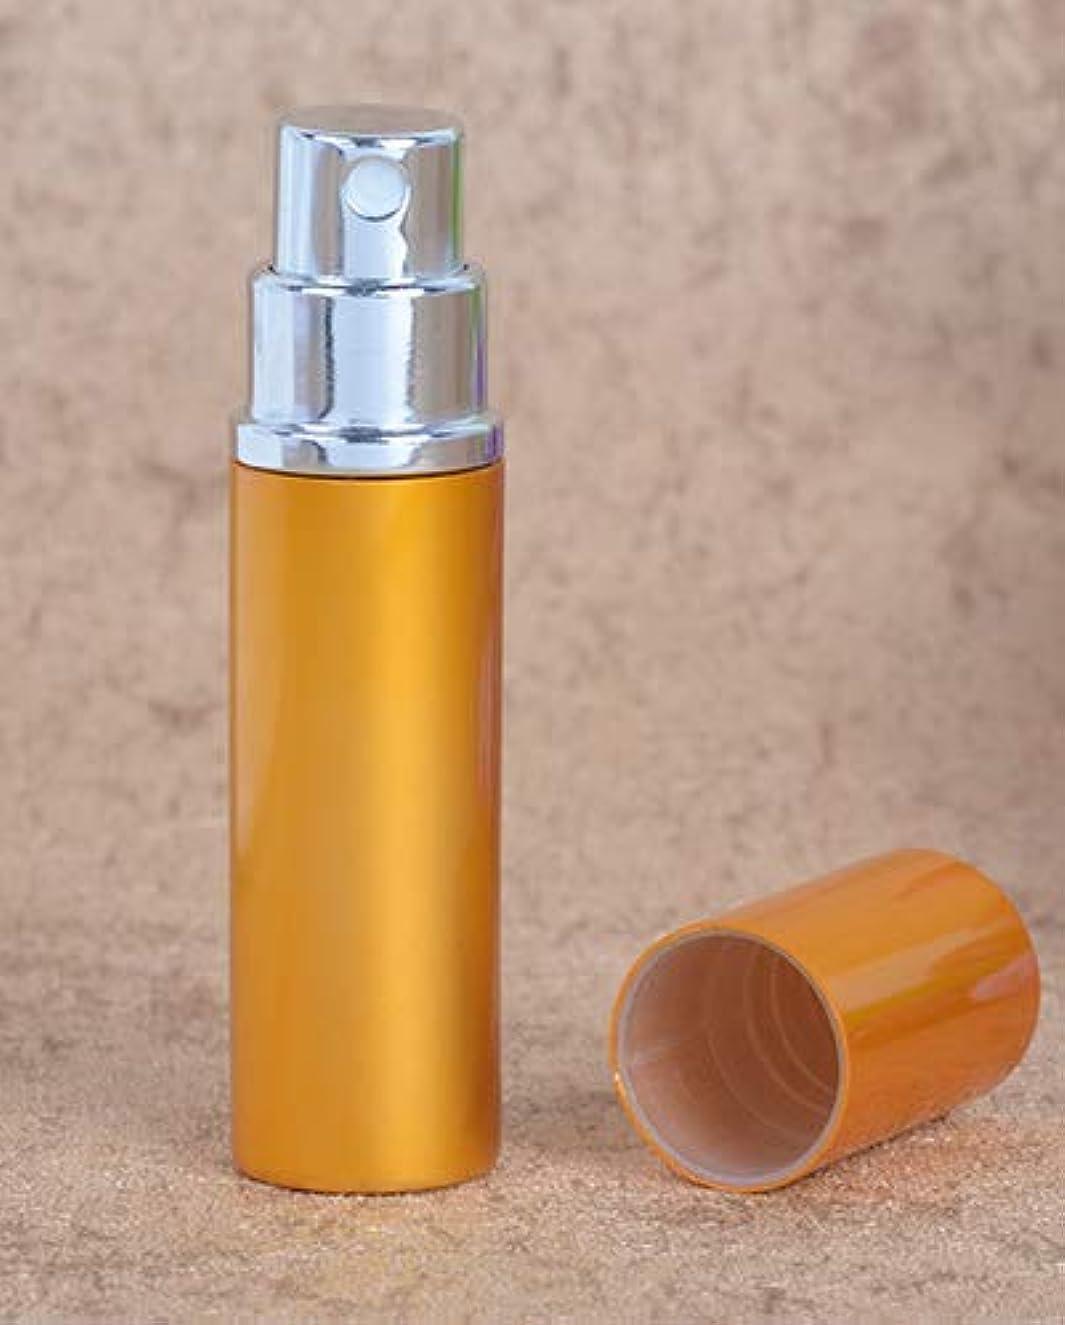 アフリカ人ジョセフバンクスヒールアトマイザー 香水 メンズ 女性用 5ml アトマイザ? 詰め替え ポータブル クイック 香水噴霧器 携帯用 ワンタッチ補充 詰め替え容器